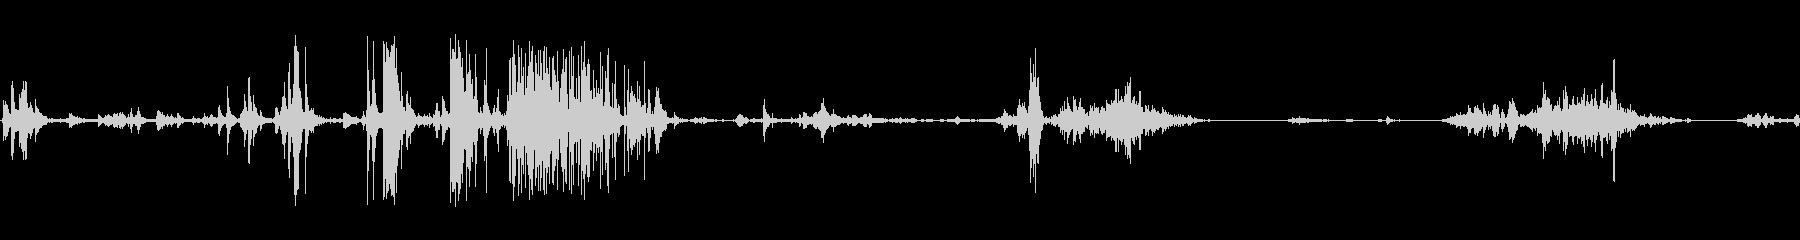 食べる音02(ポテトチップスなど)の未再生の波形